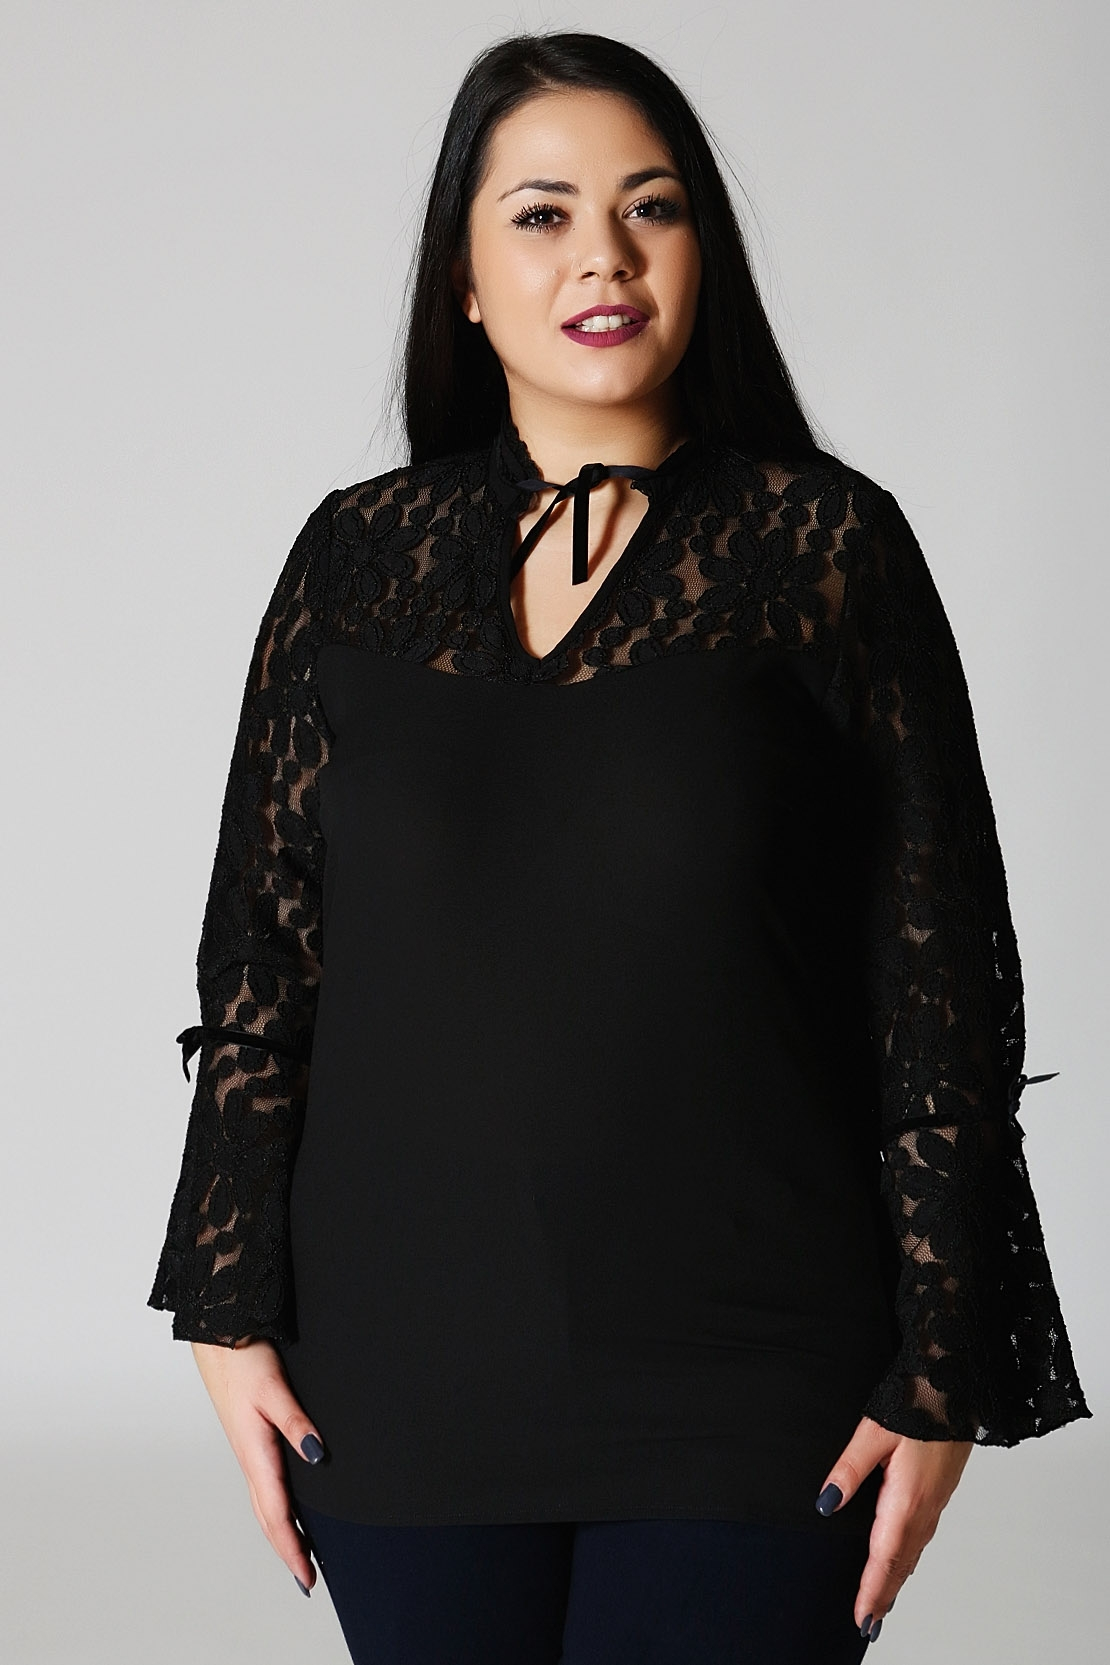 Μπλούζα μαύρη με διαφάνεια και δαντέλα νέες αφίξεις   ενδύματα   μπλουζοφορέματα   sunrose